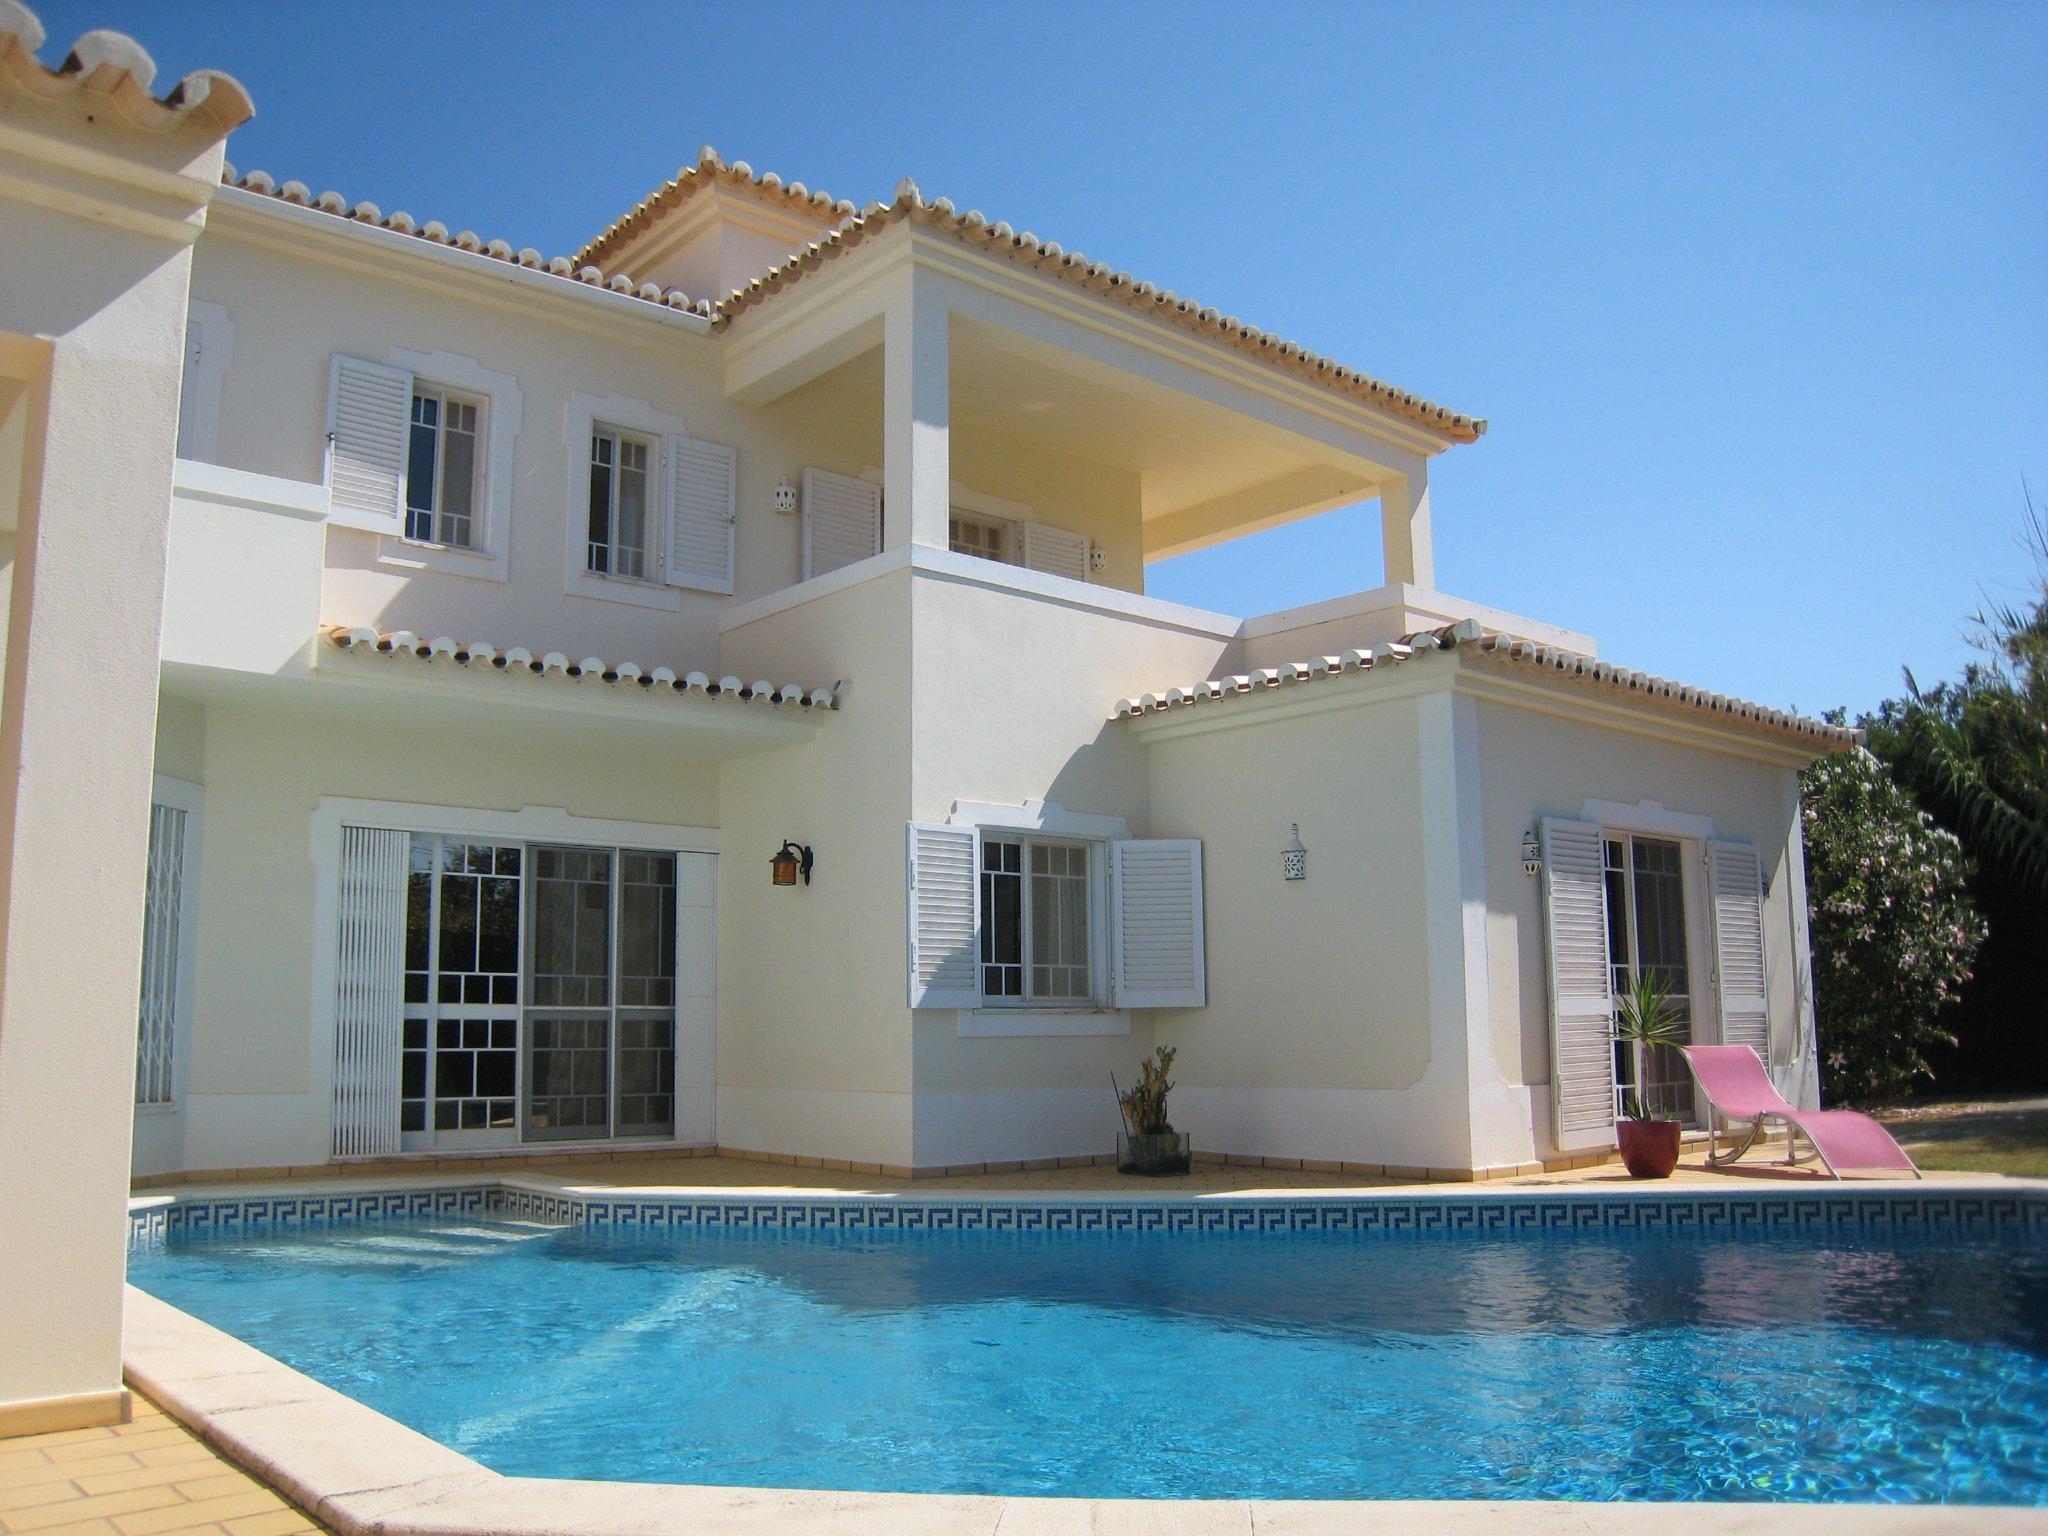 Riesen Casa mit Pool, Garten, Terrassen